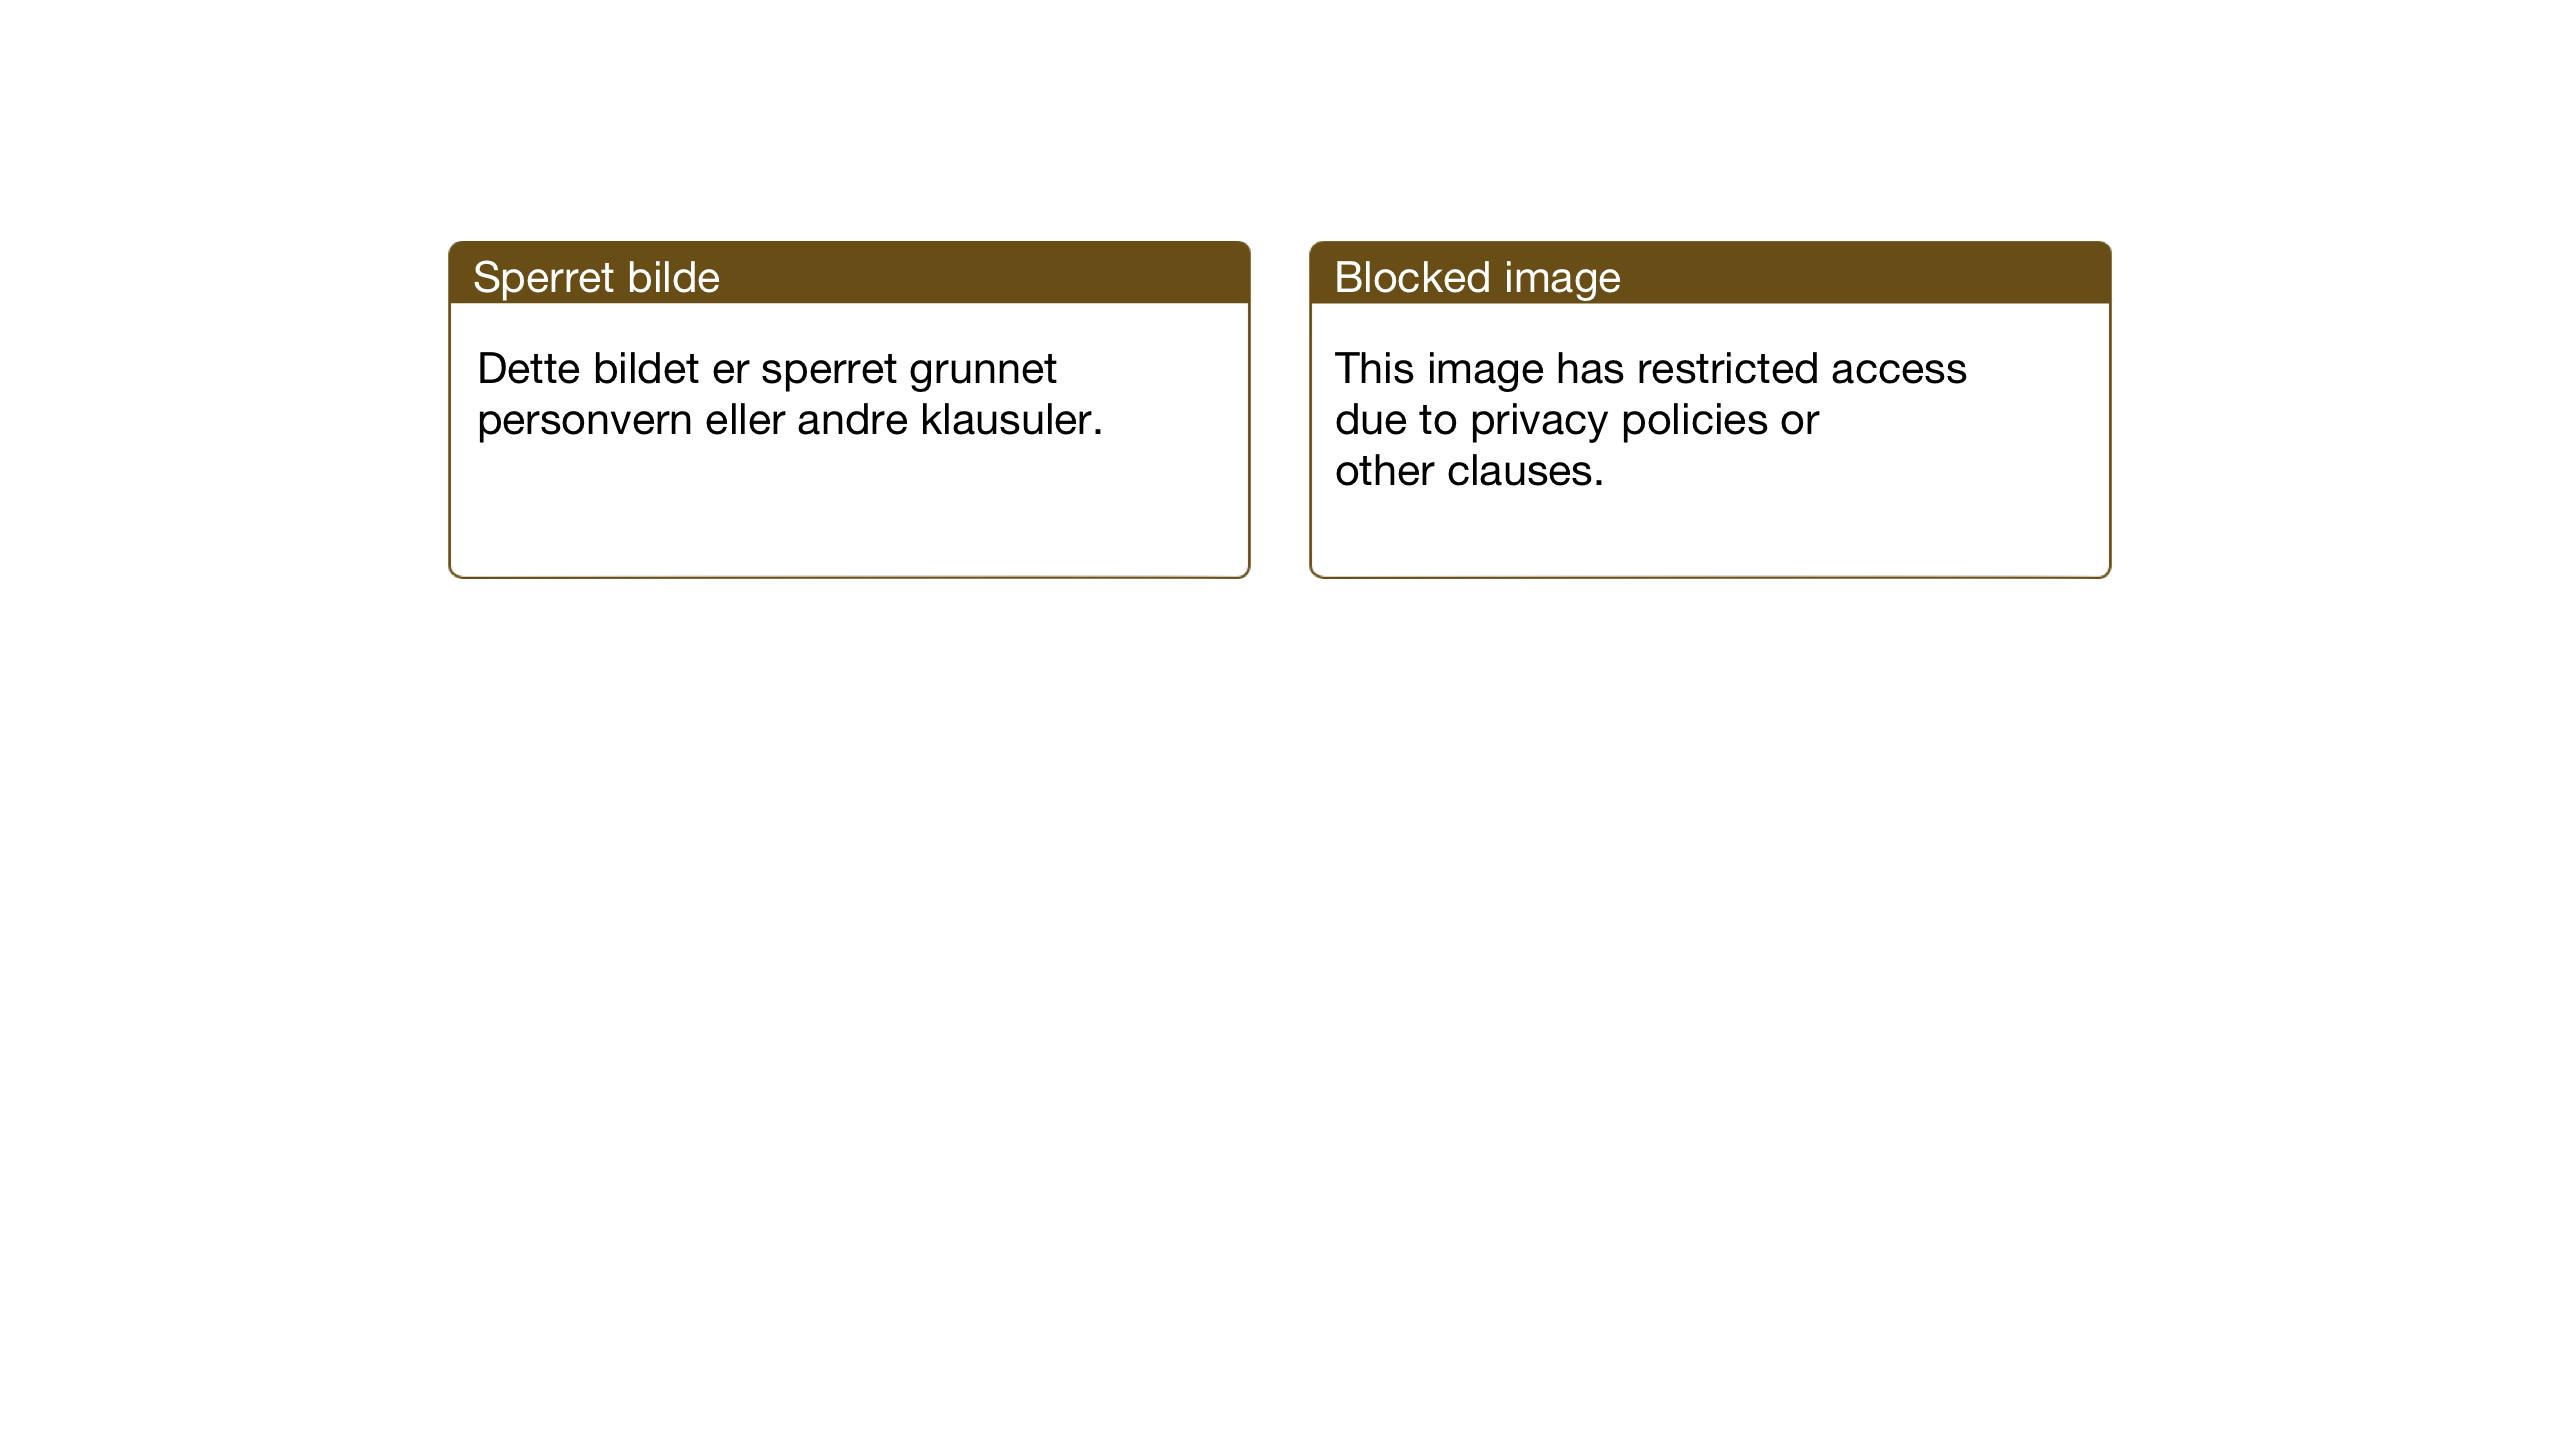 SAT, Ministerialprotokoller, klokkerbøker og fødselsregistre - Sør-Trøndelag, 669/L0833: Klokkerbok nr. 669C03, 1945-1950, s. 95